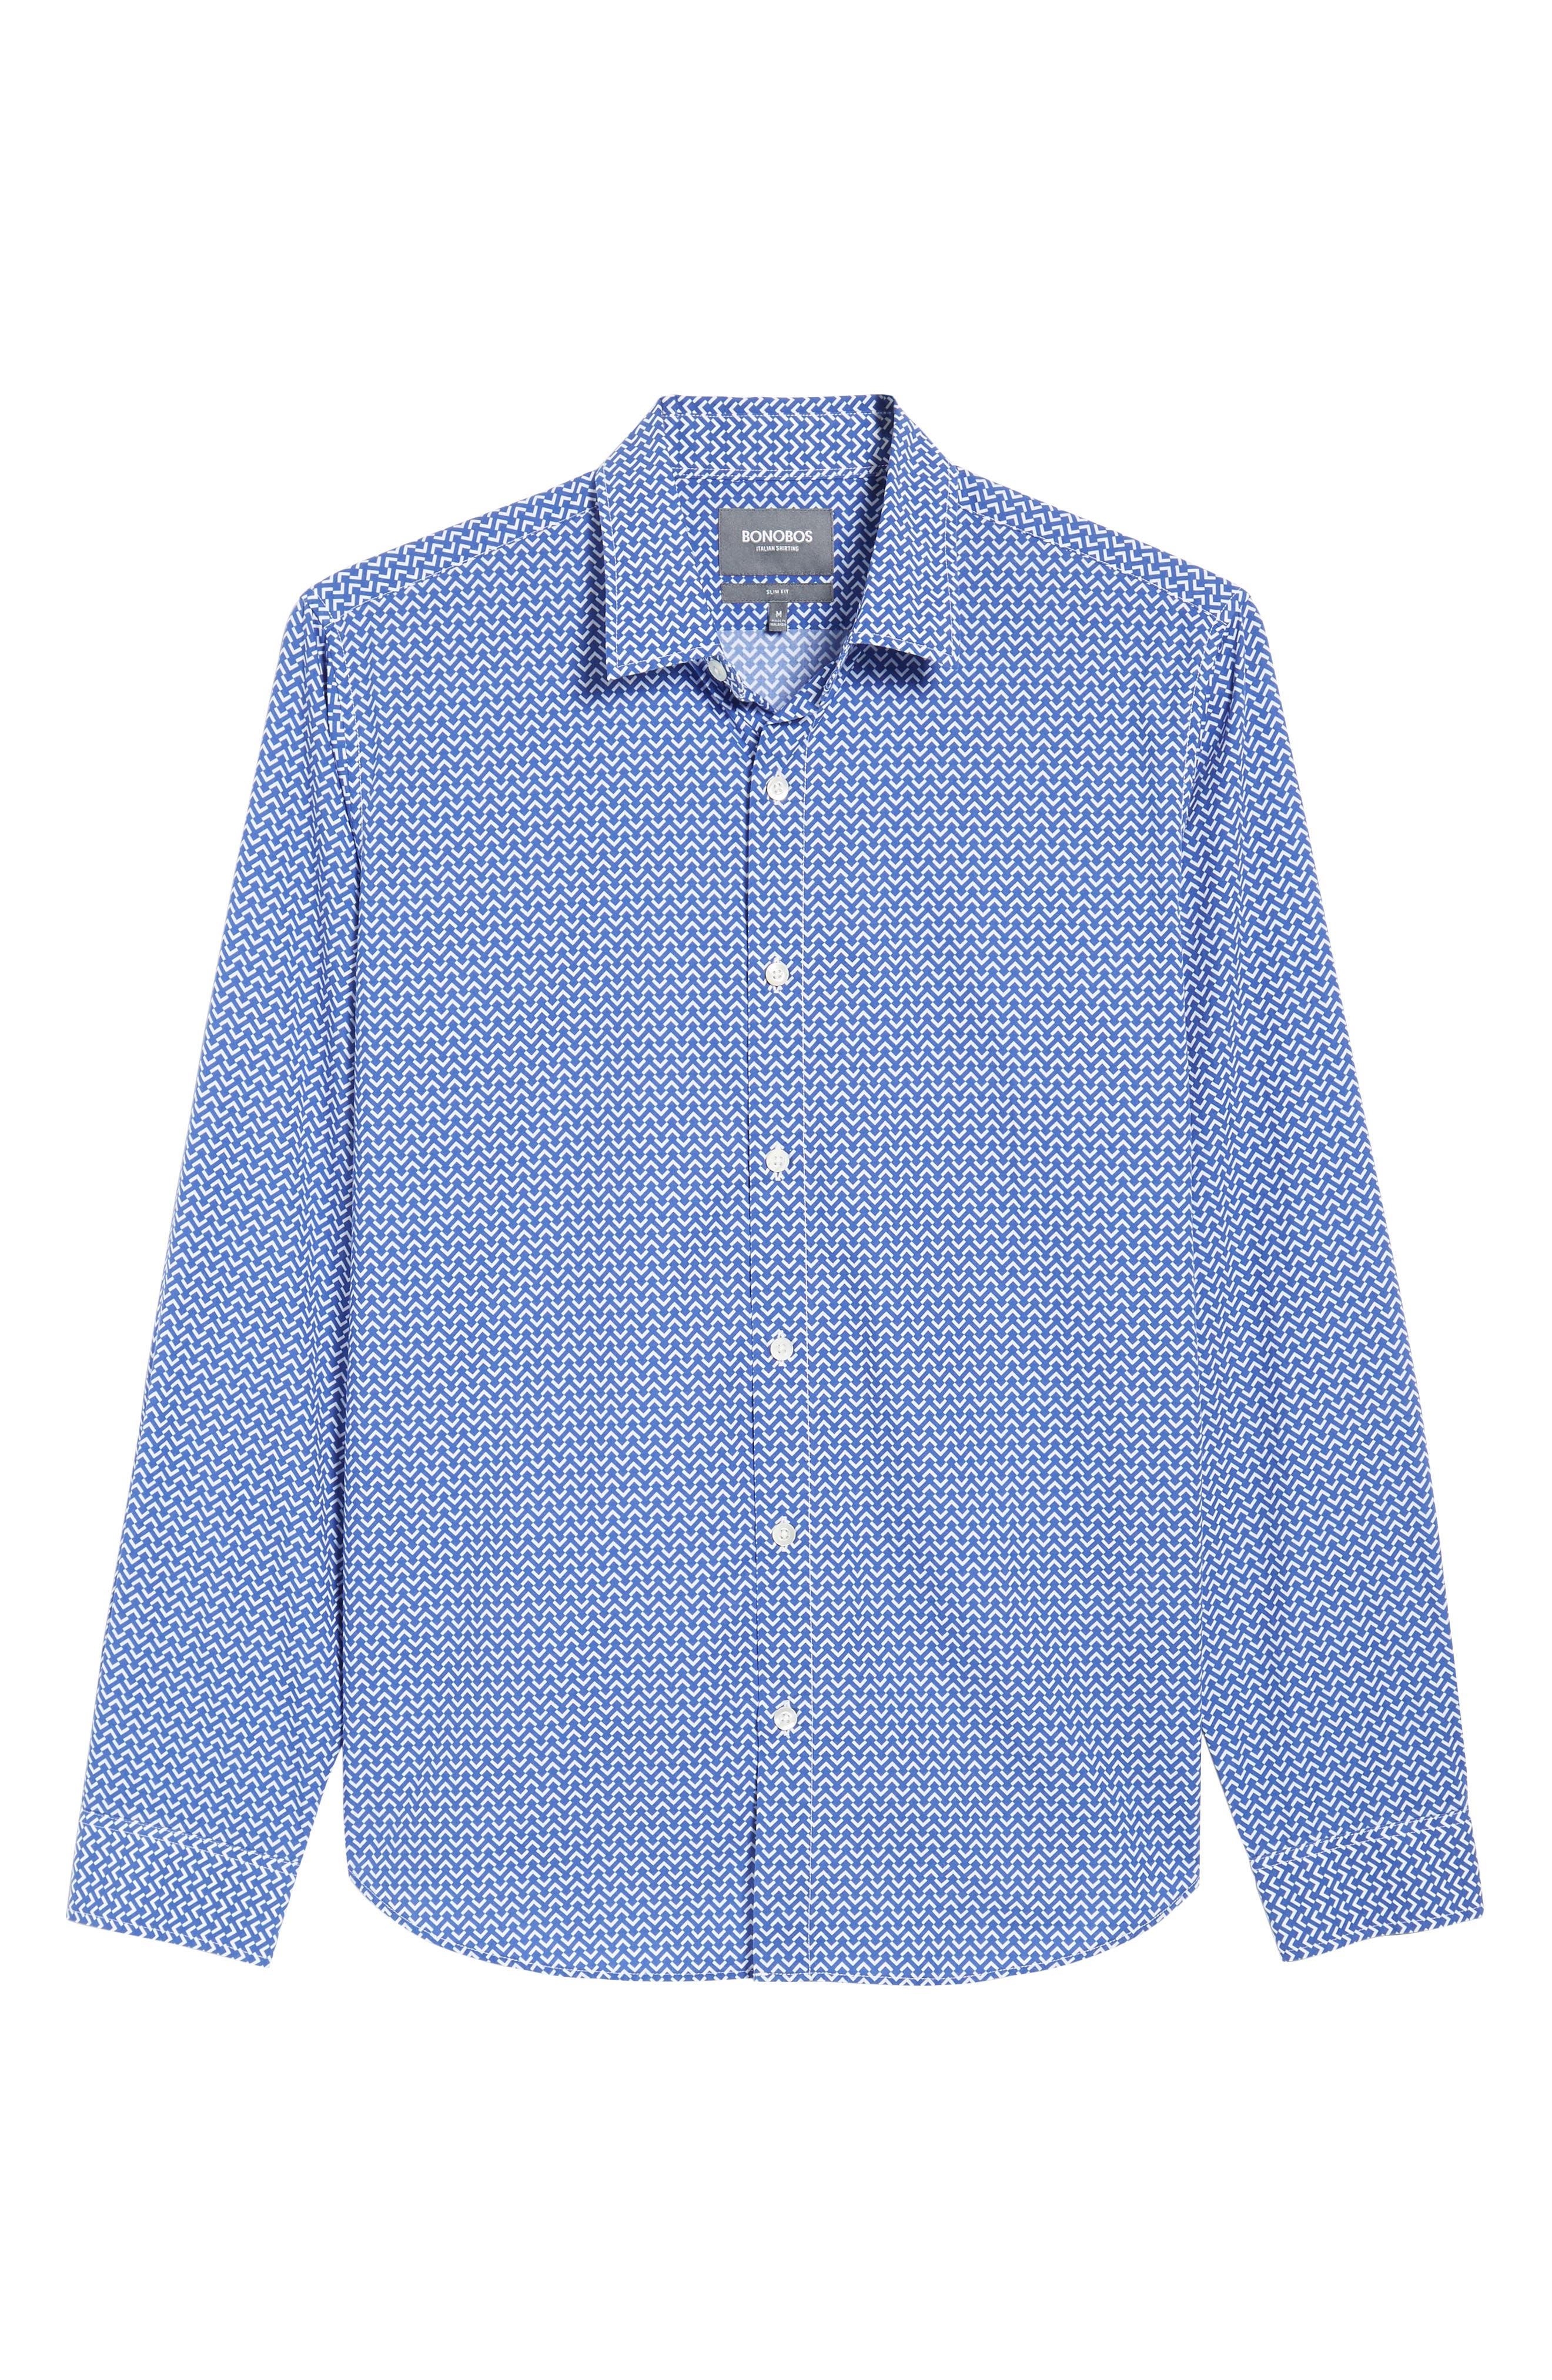 Premium Slim Fit Print Sport Shirt,                             Alternate thumbnail 6, color,                             Blue Wave